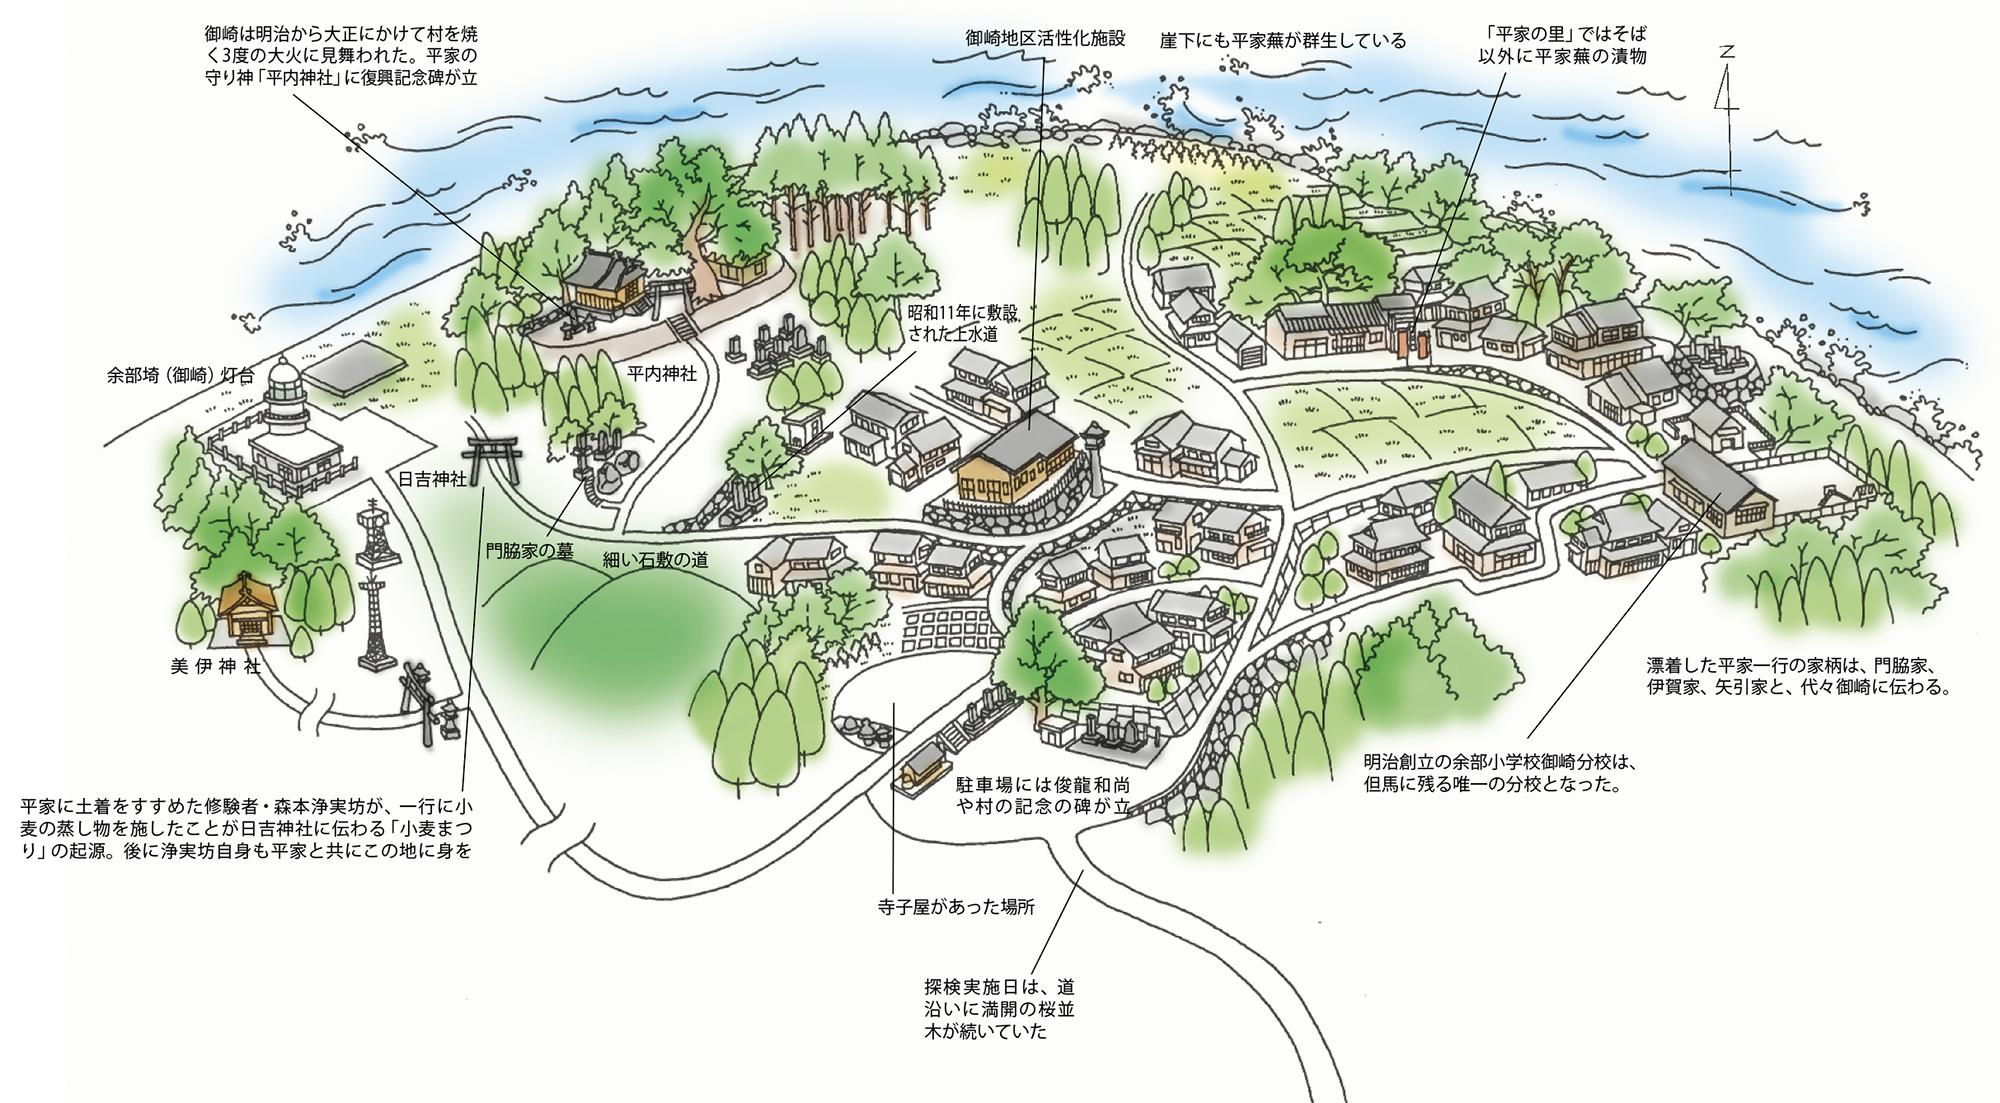 平家の里 御崎を歩く<香美町香住区御崎>(Vol.59/2006年7月発行)